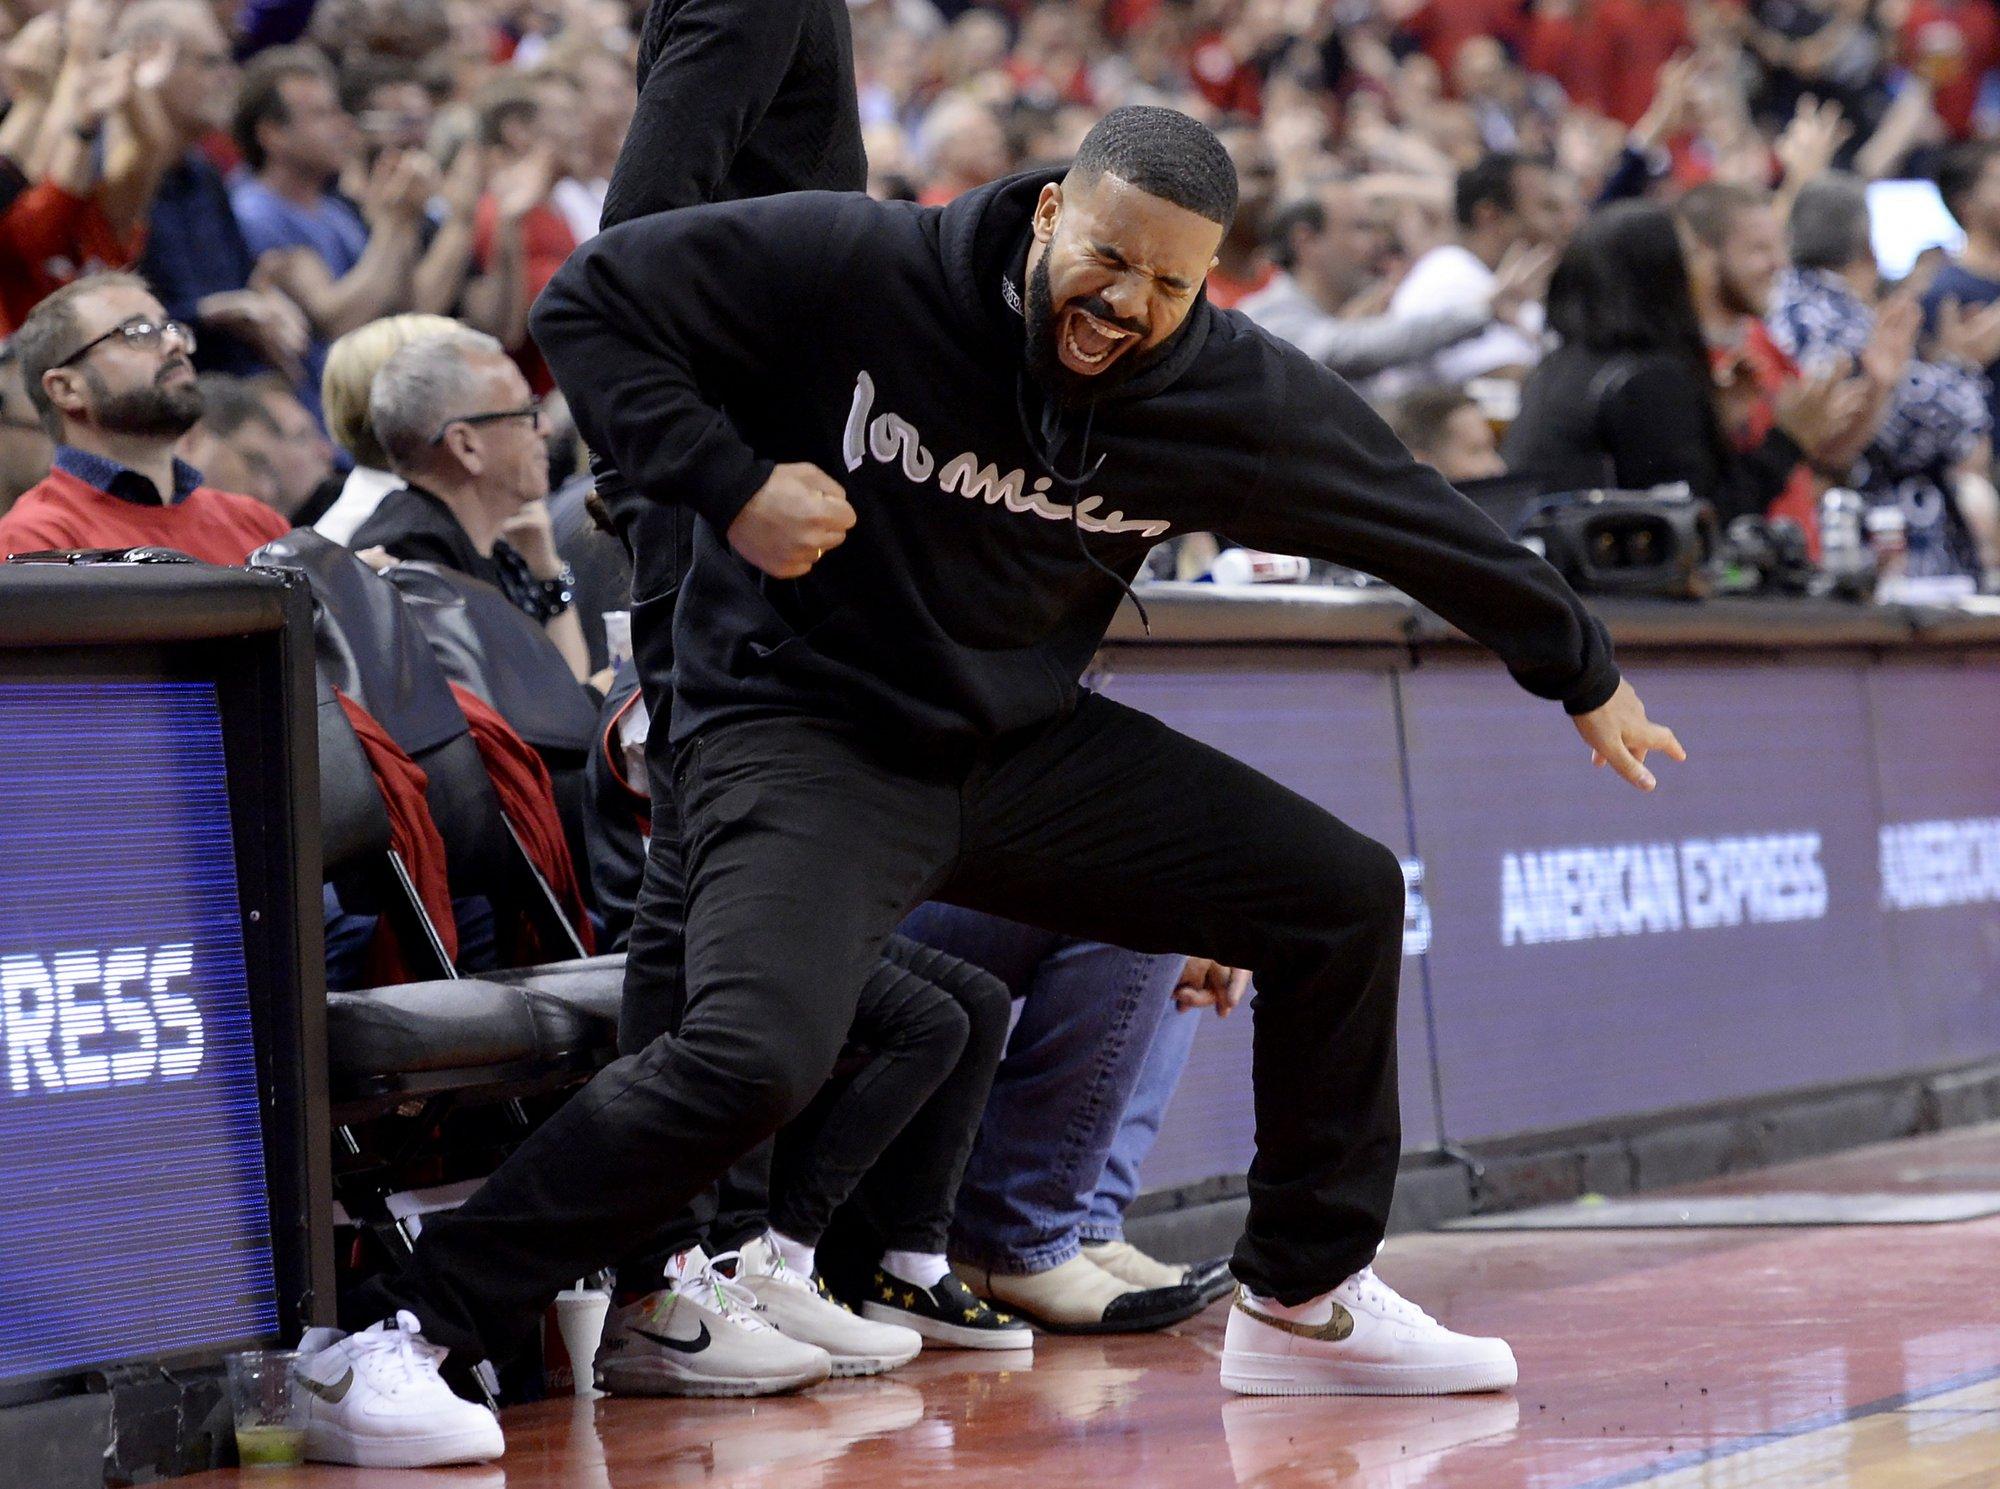 NBA Finals set: Reigning Warriors vs. newcomer Raptors